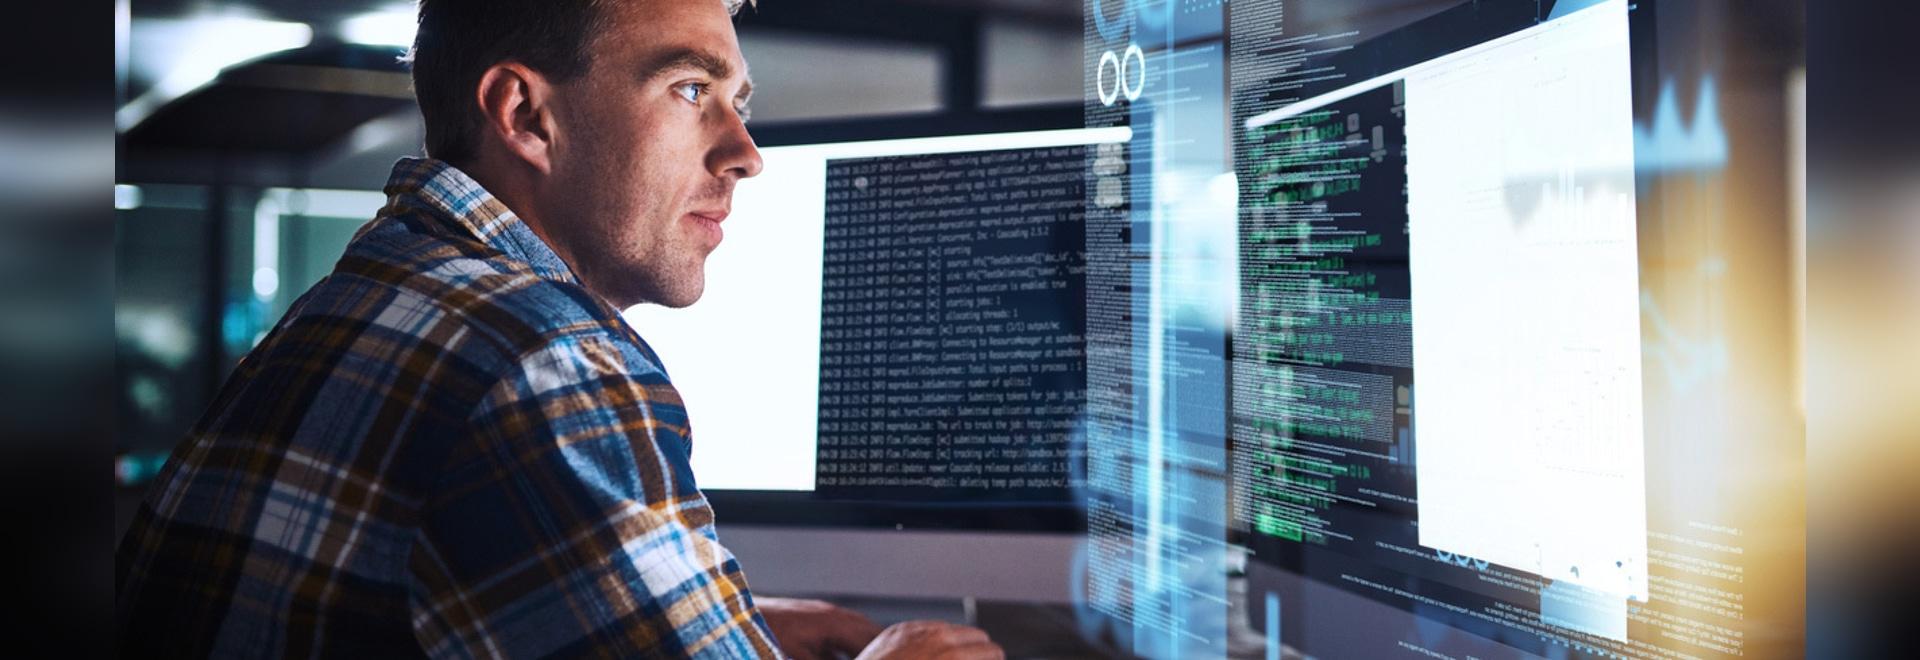 Le logiciel fournit la solution de processus de gestion de la sécurité